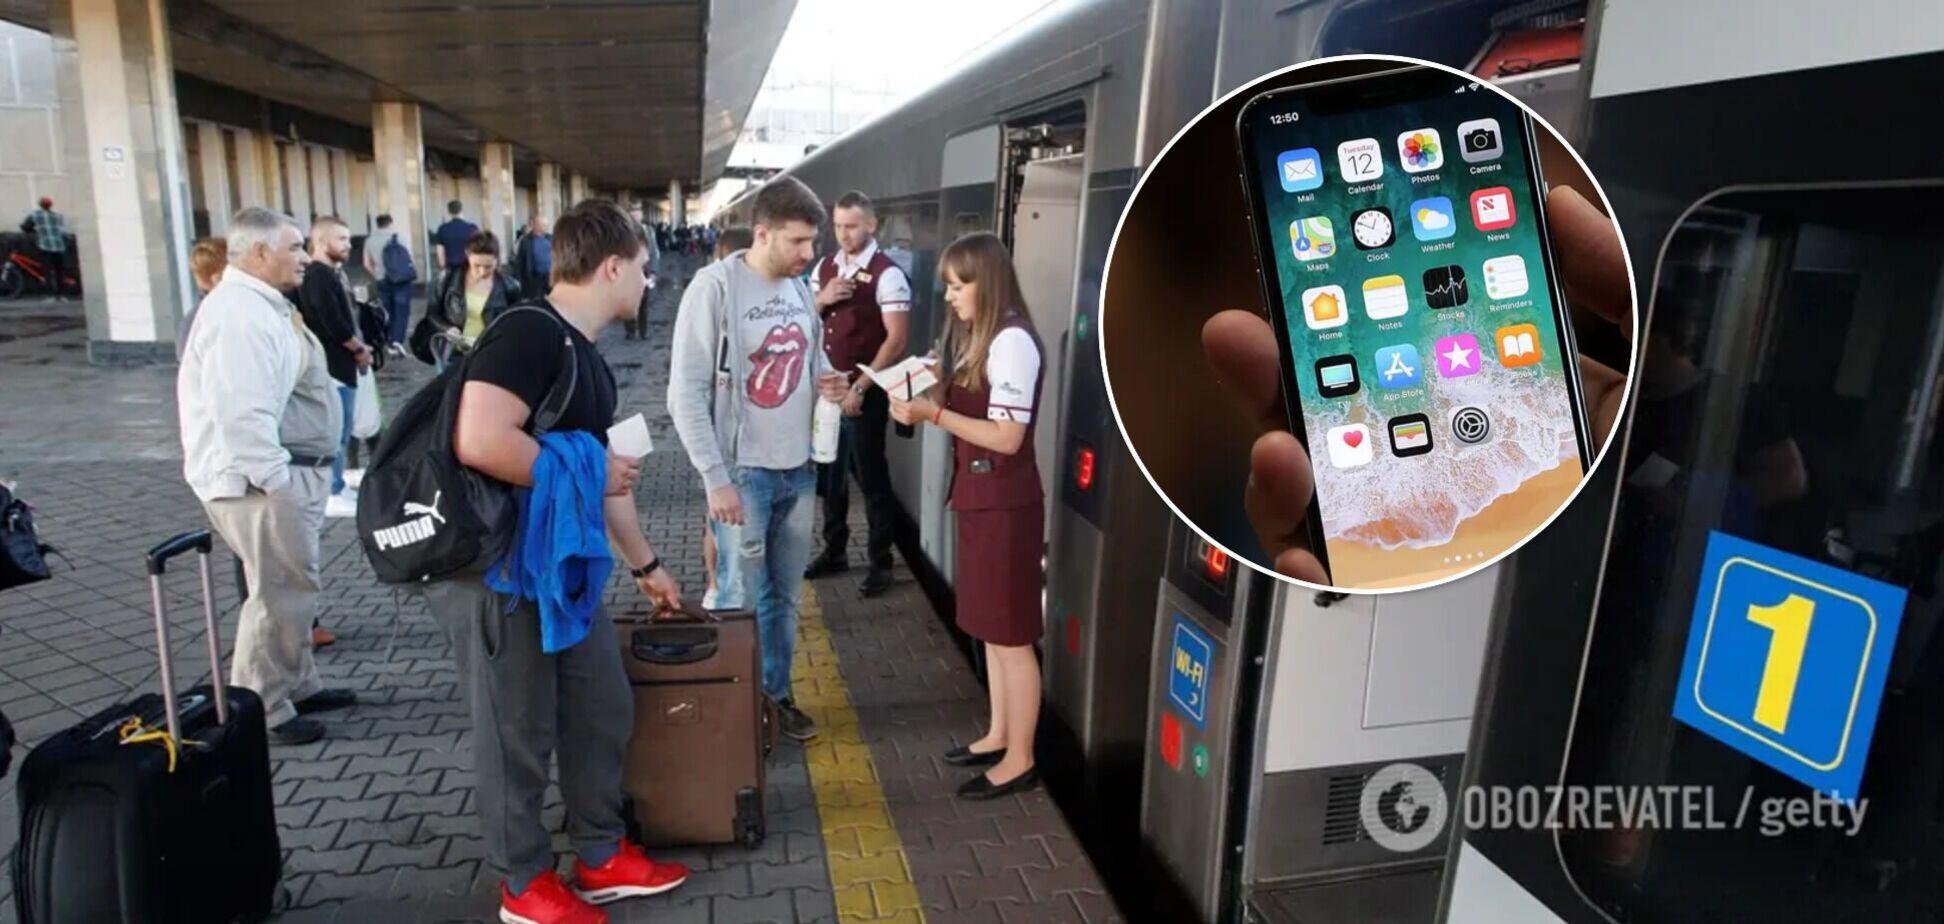 'Укрзалізниця' разрешила покупать билеты в Viber и Telegram: как это сделать